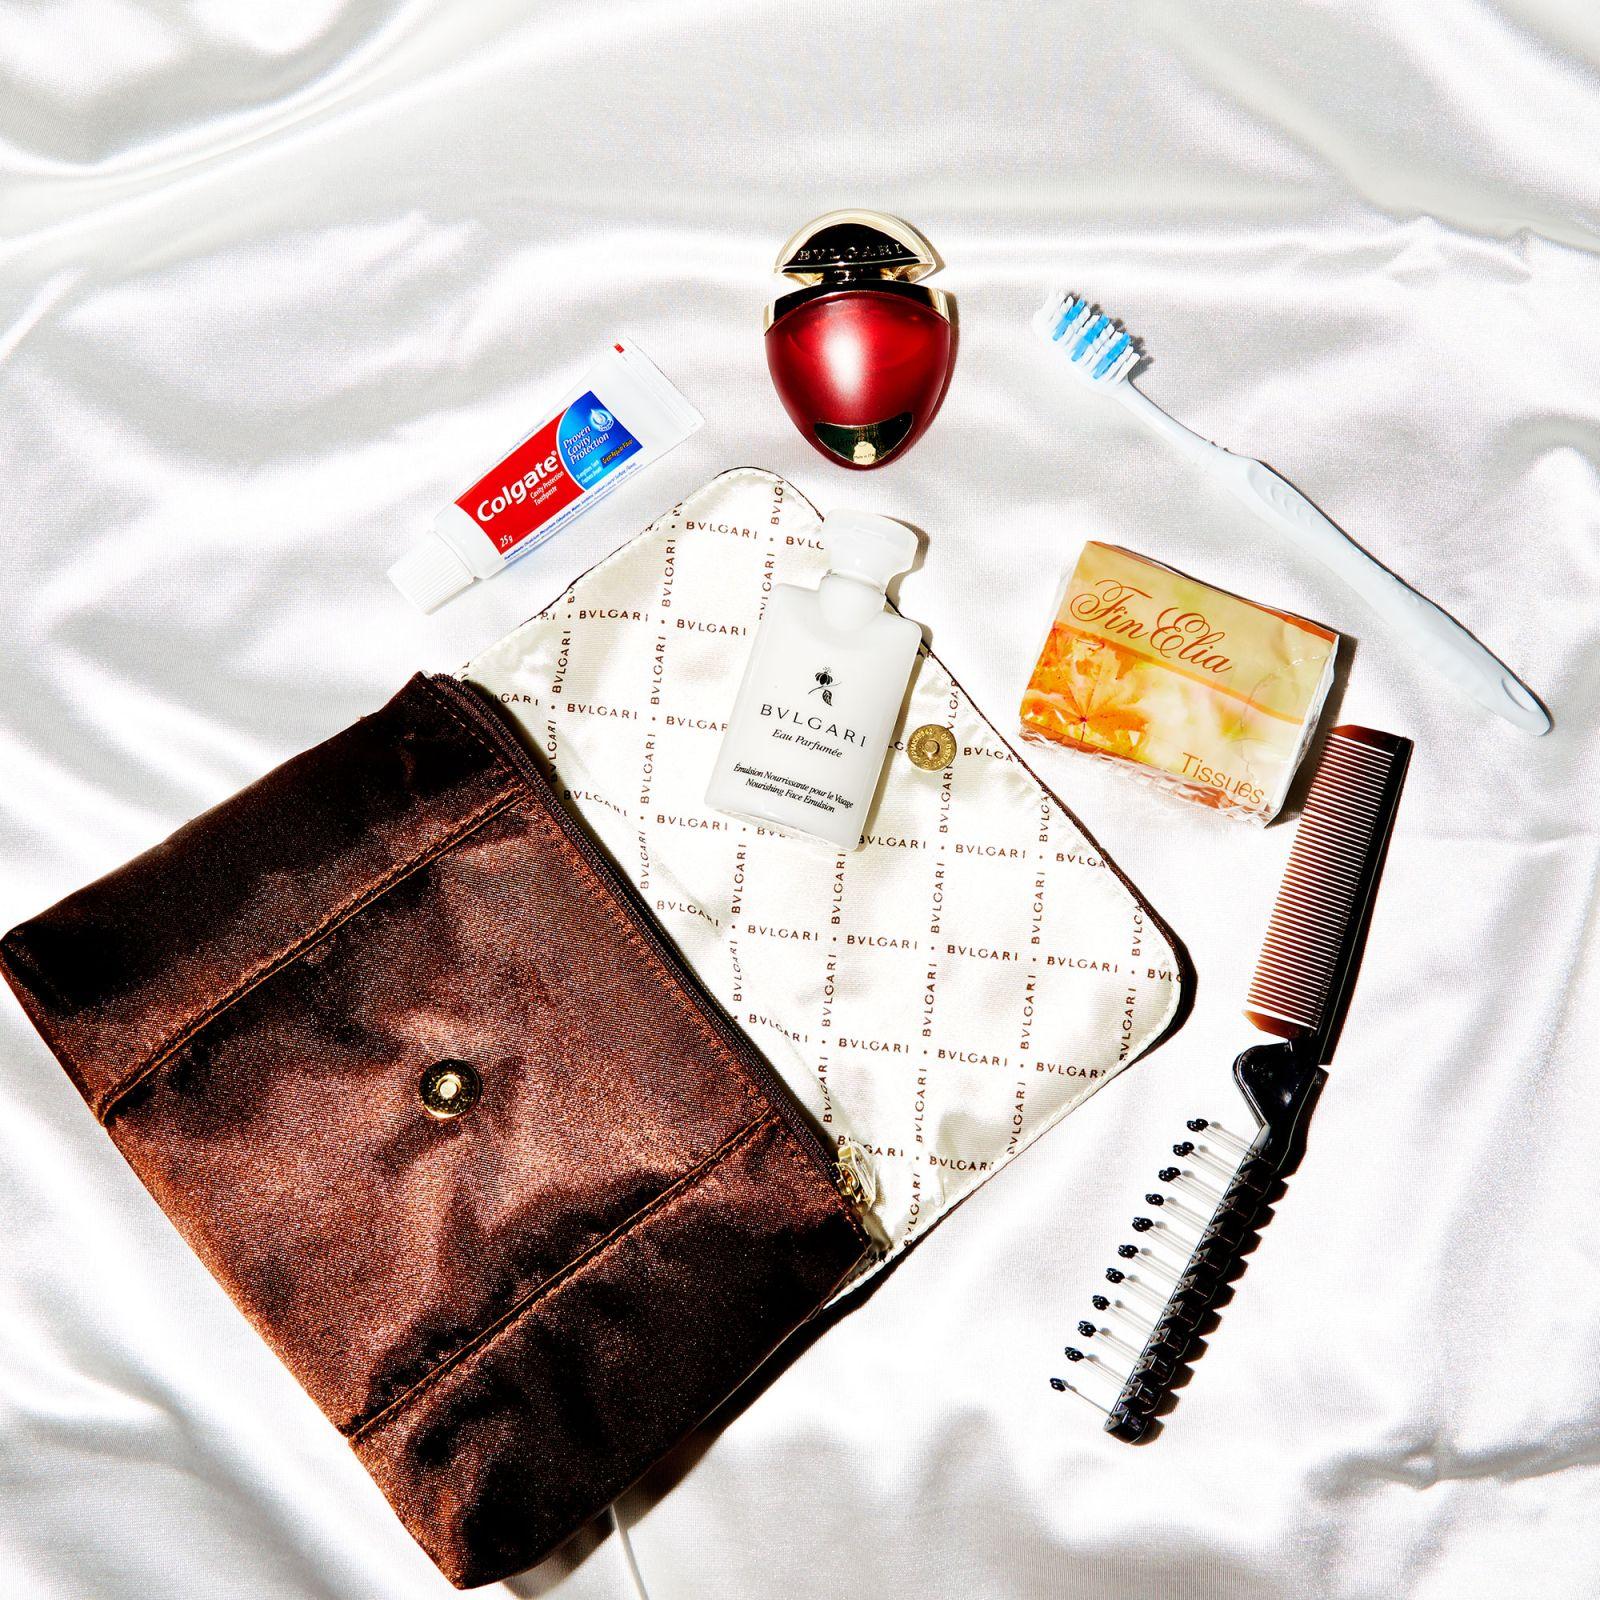 Có gì bên trong túi quà tặng từ khoang máy bay hạng nhất vòng quanh thế giới? - Ảnh 1.